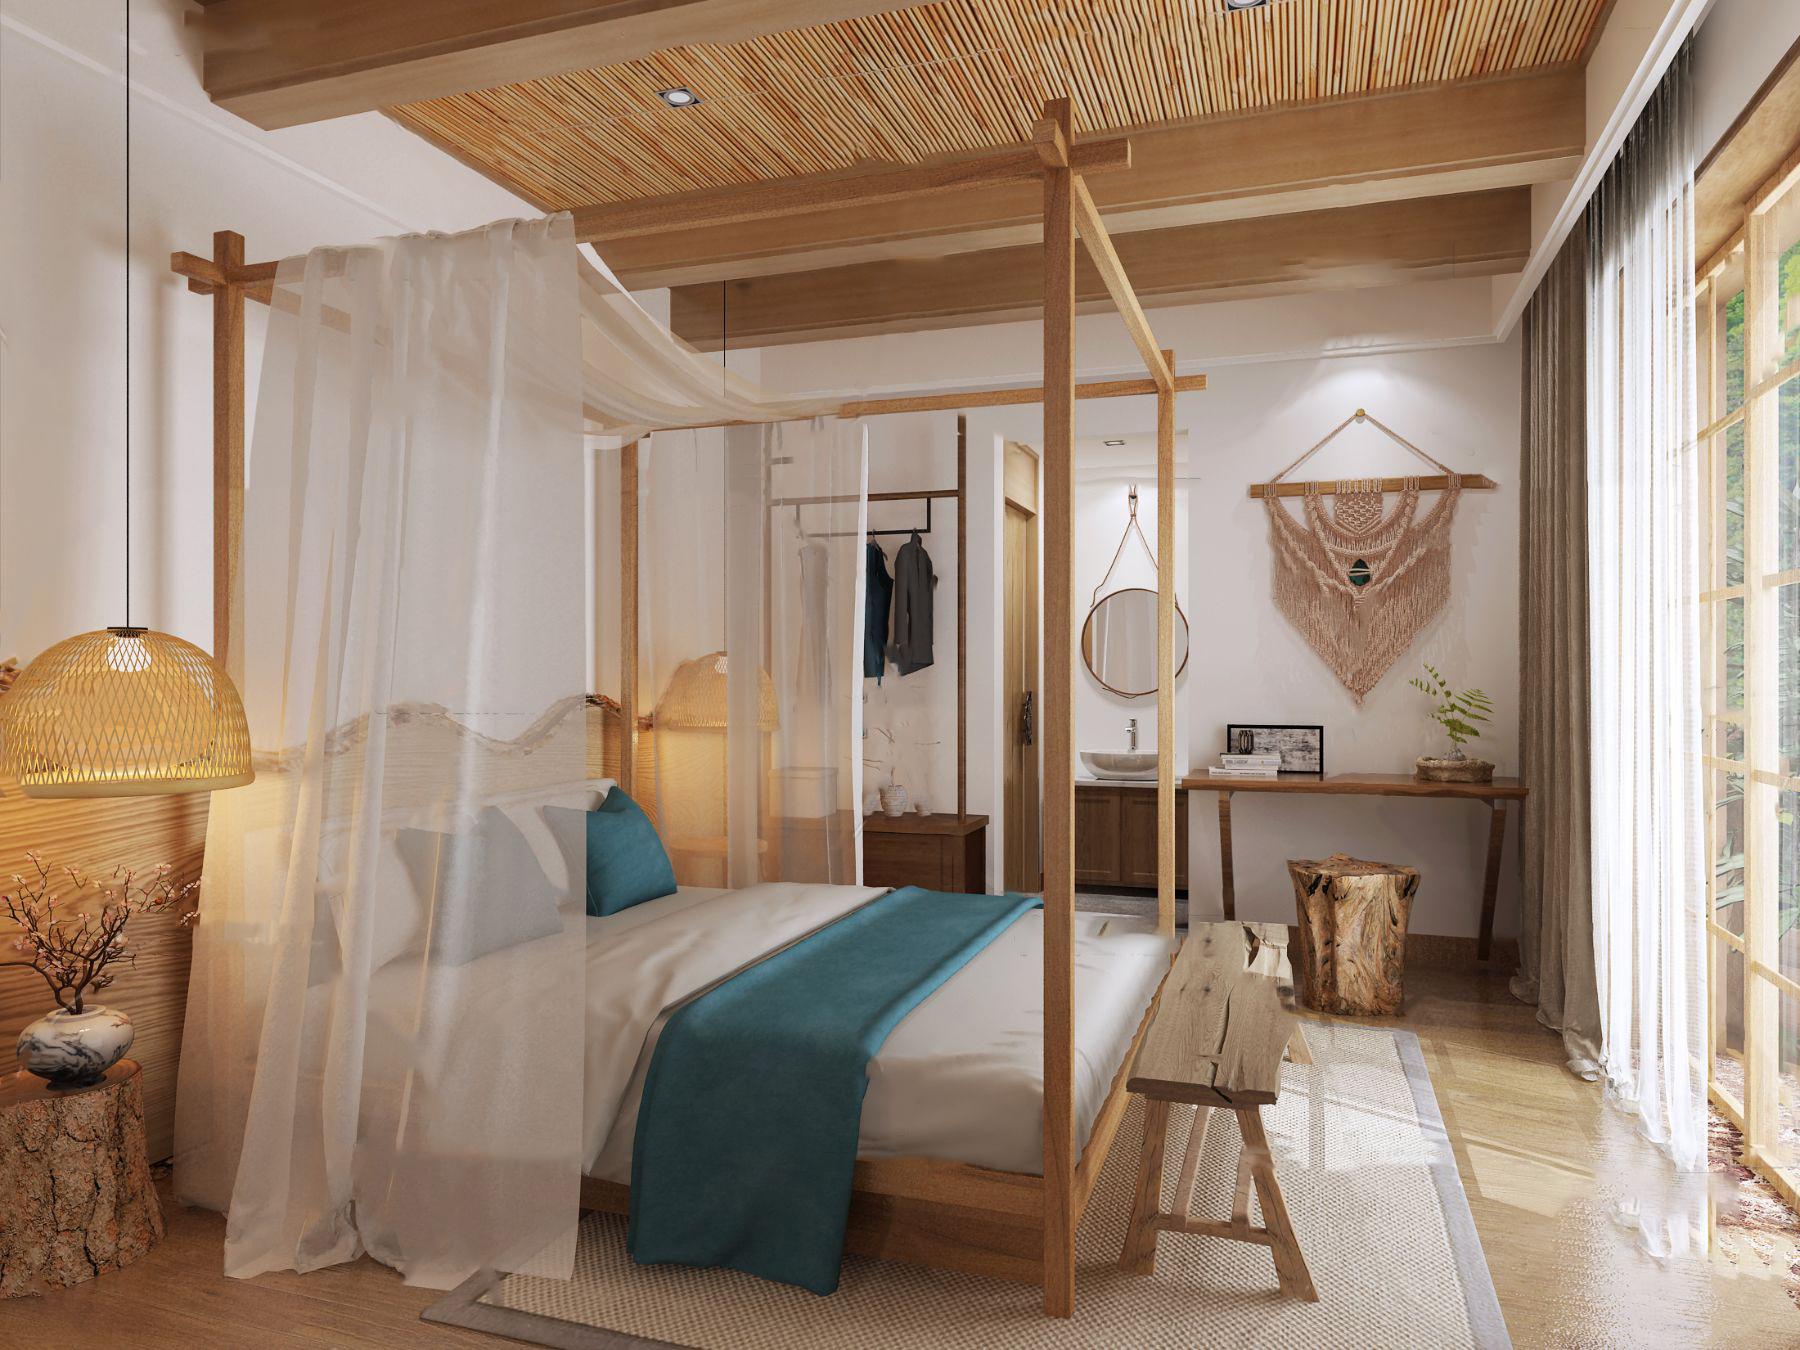 自然风民宿酒店客房3D模型【ID:743349313】